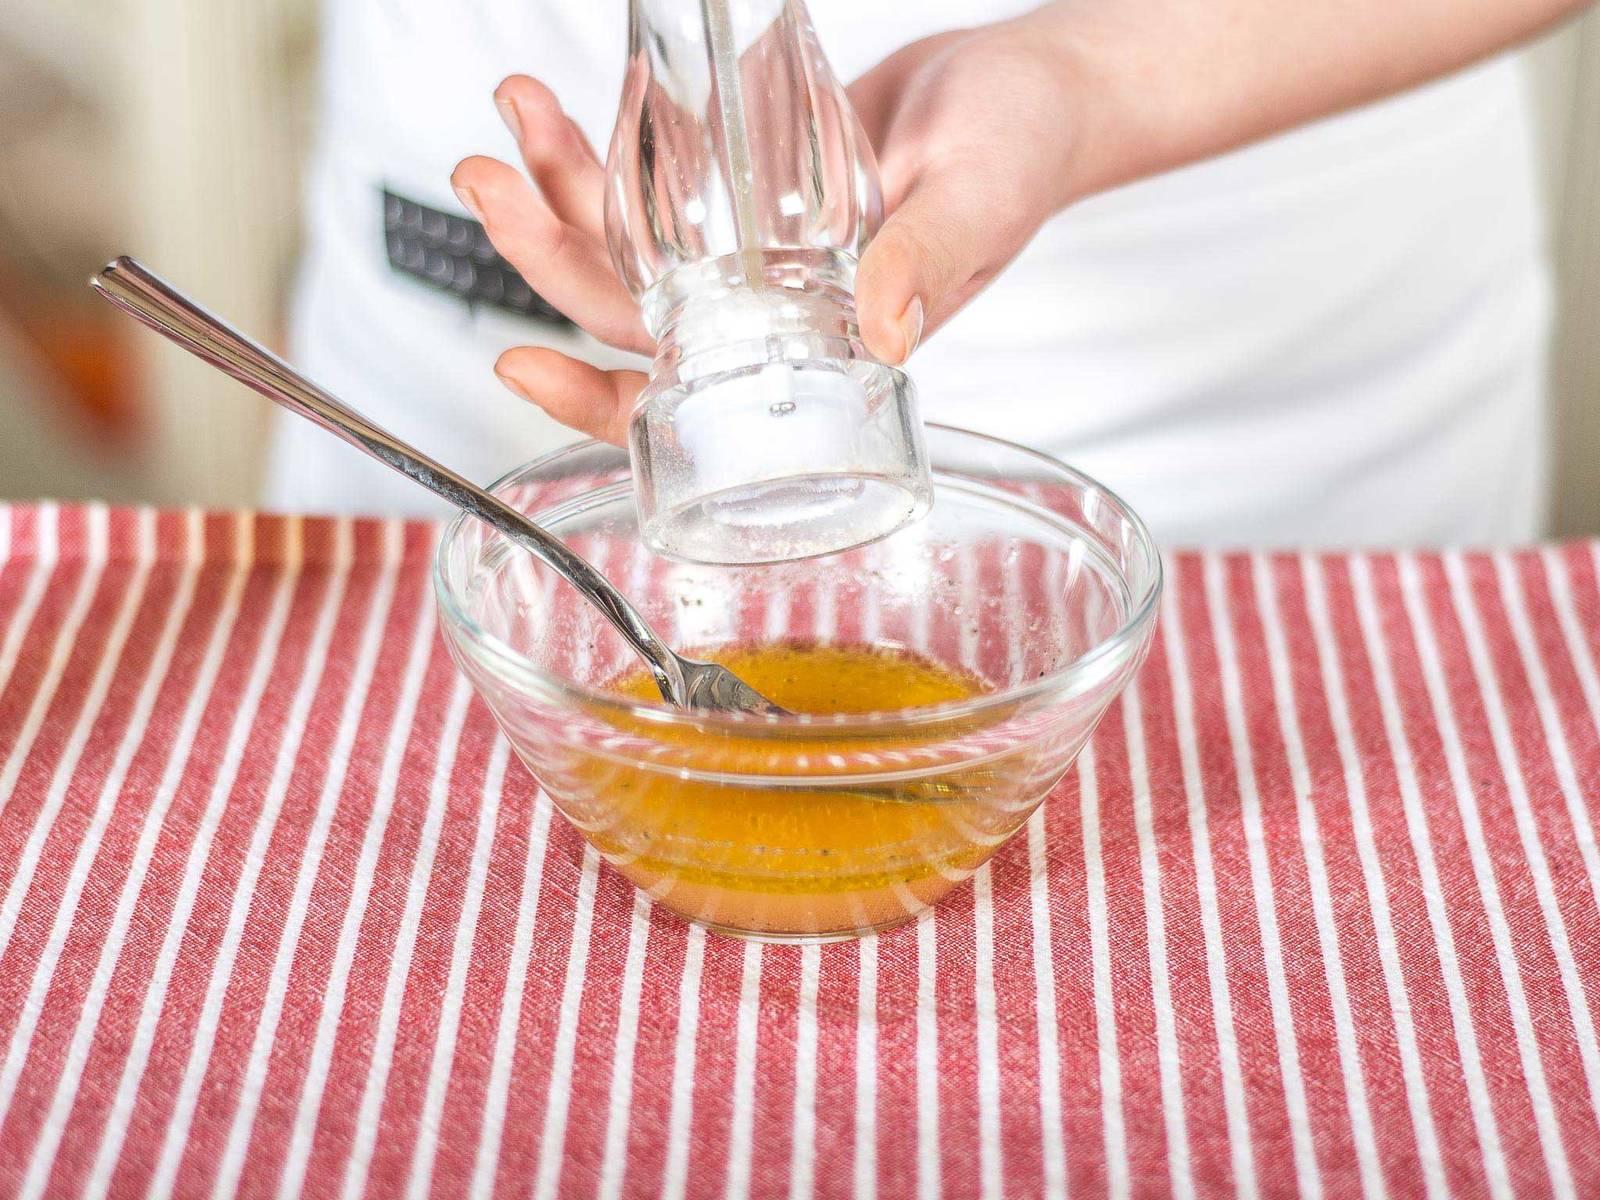 调味汁的制做:向橙子与葡萄柚的果汁中加入柠檬汁、柑曼怡、橄榄油、糖、盐与胡椒粉搅拌均匀,再拌入切好的薄荷。